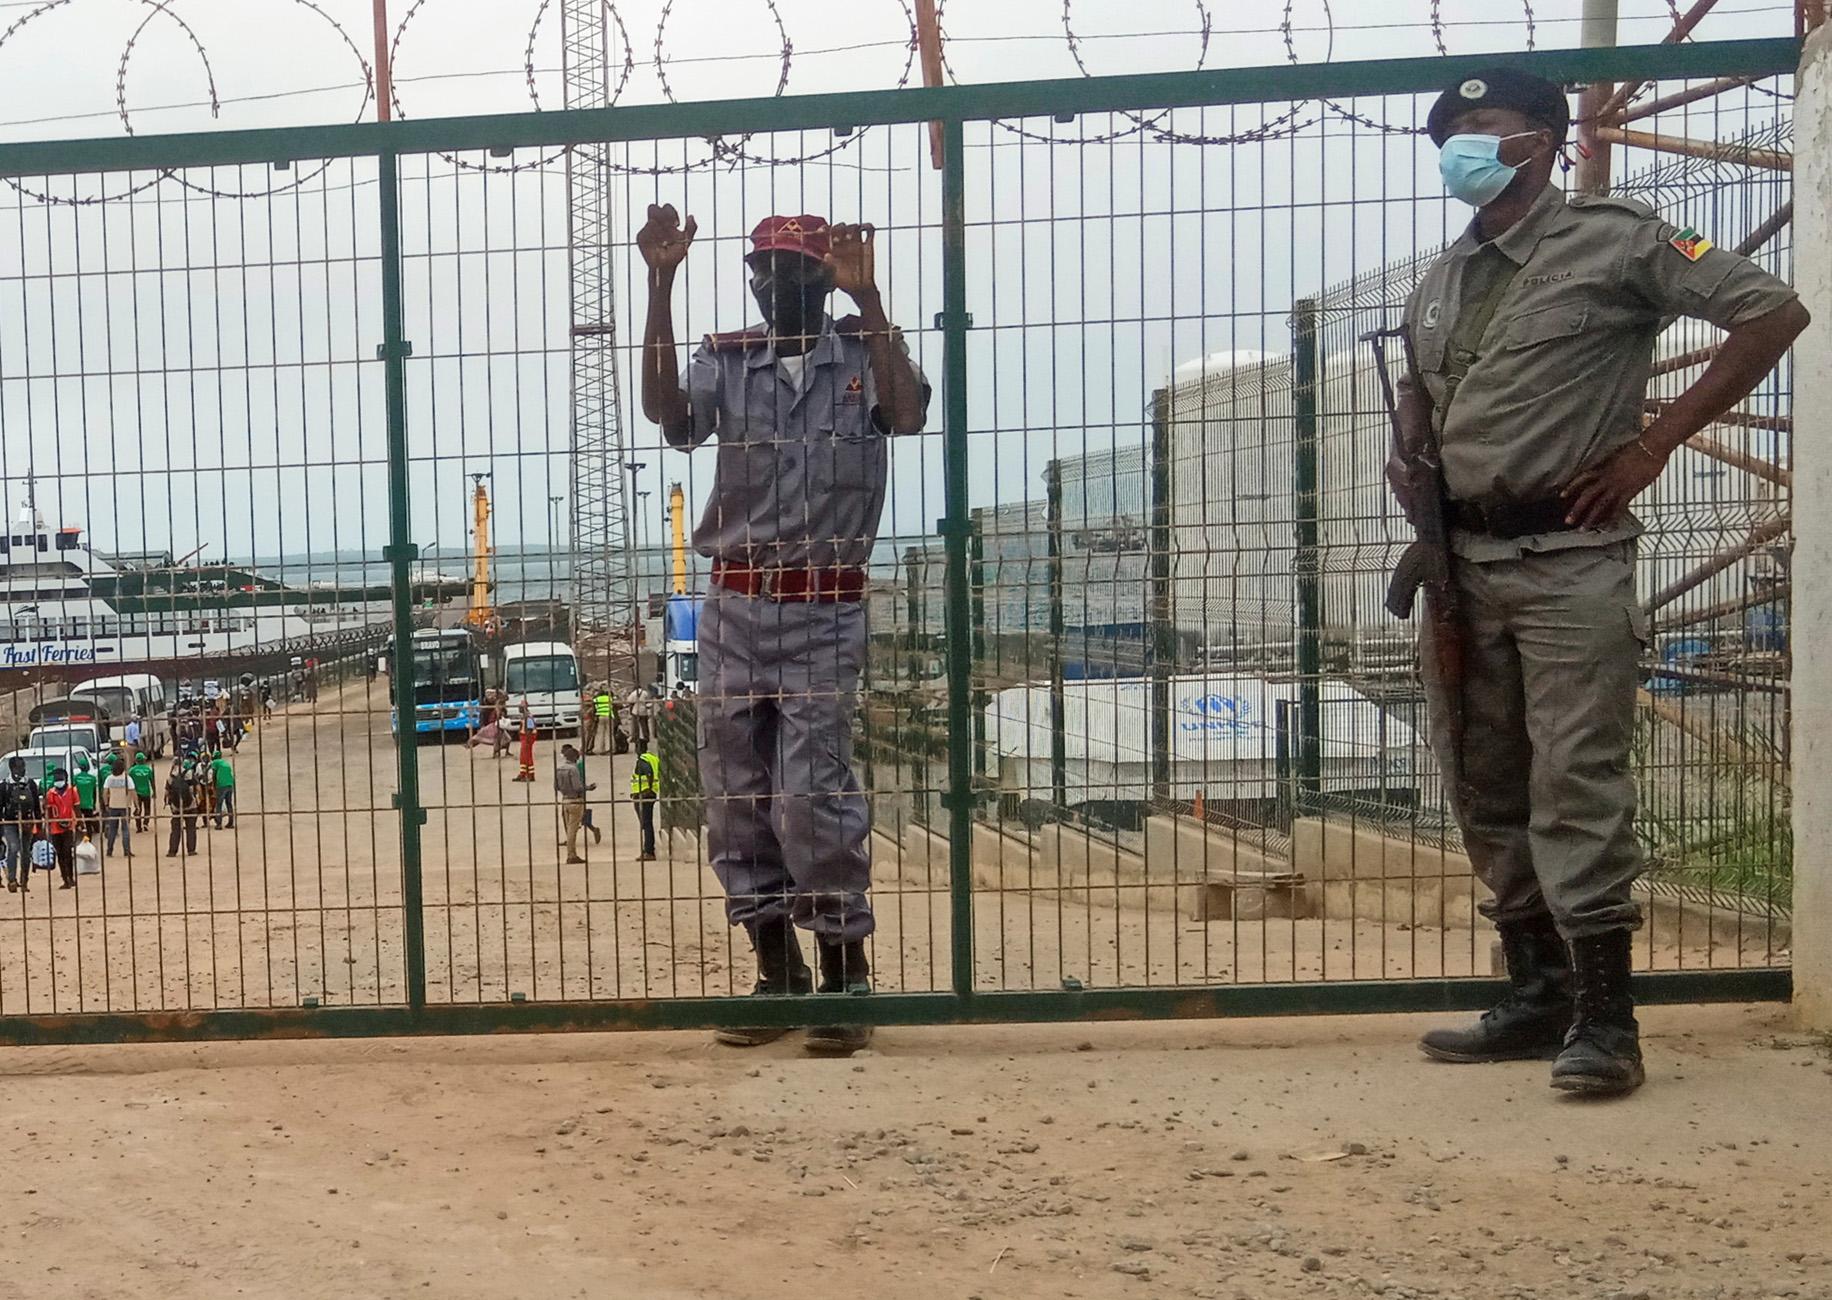 Φρίκη στη Μοζαμβίκη: Τζιχαστιστές αποκεφάλισαν 12 άτομα στην Πάλμα